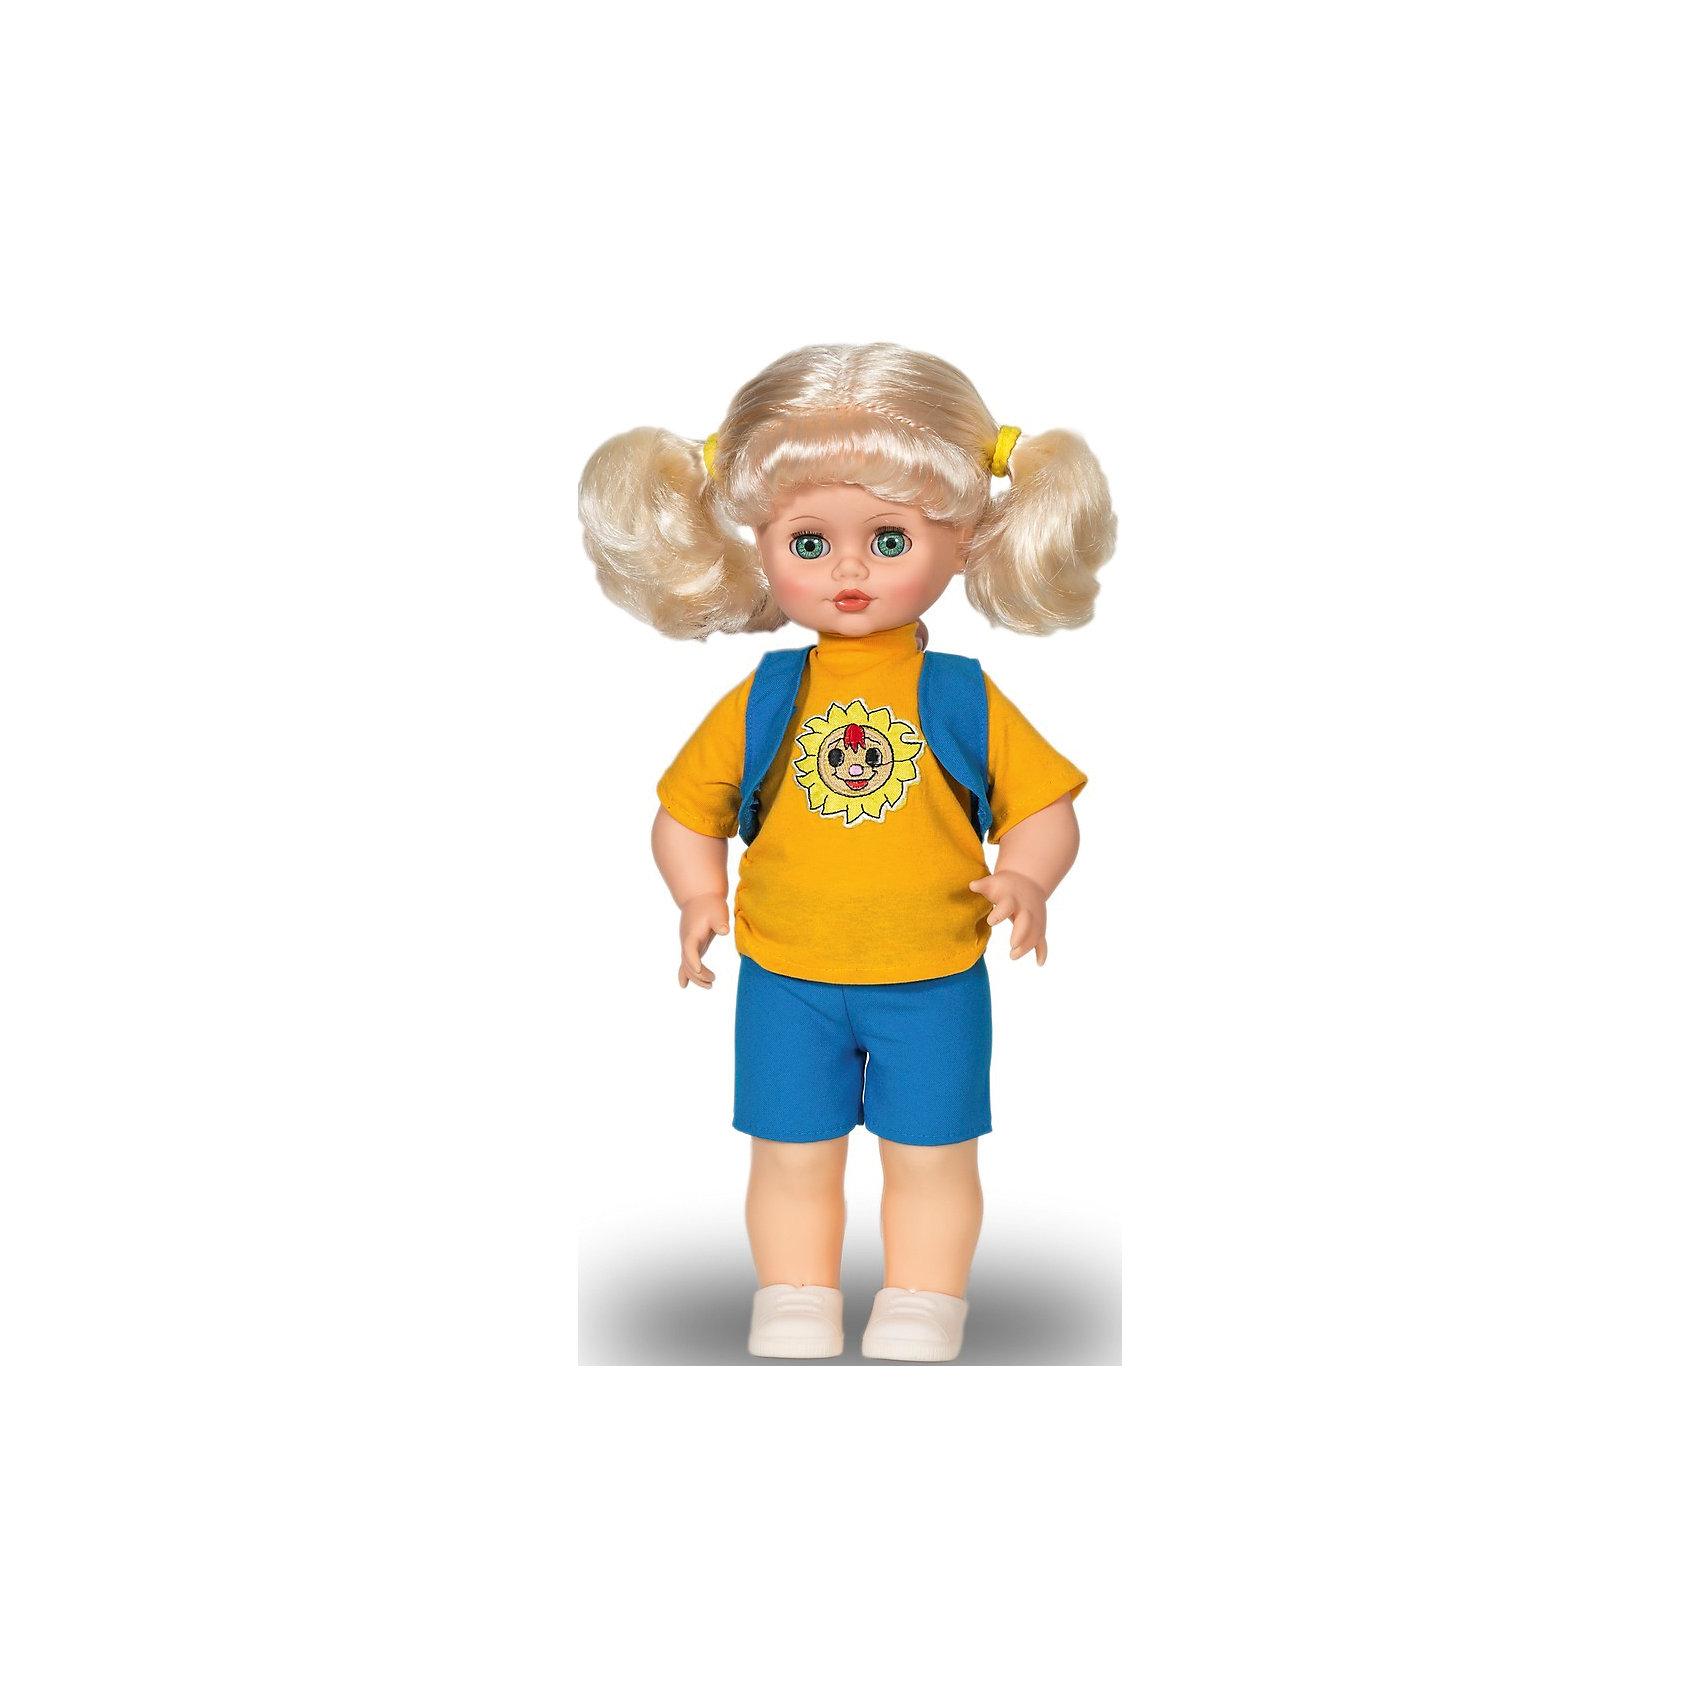 Весна Кукла Инна, со звуком,  43 см, Весна кукла весна инна в куртке со звуком 43 см